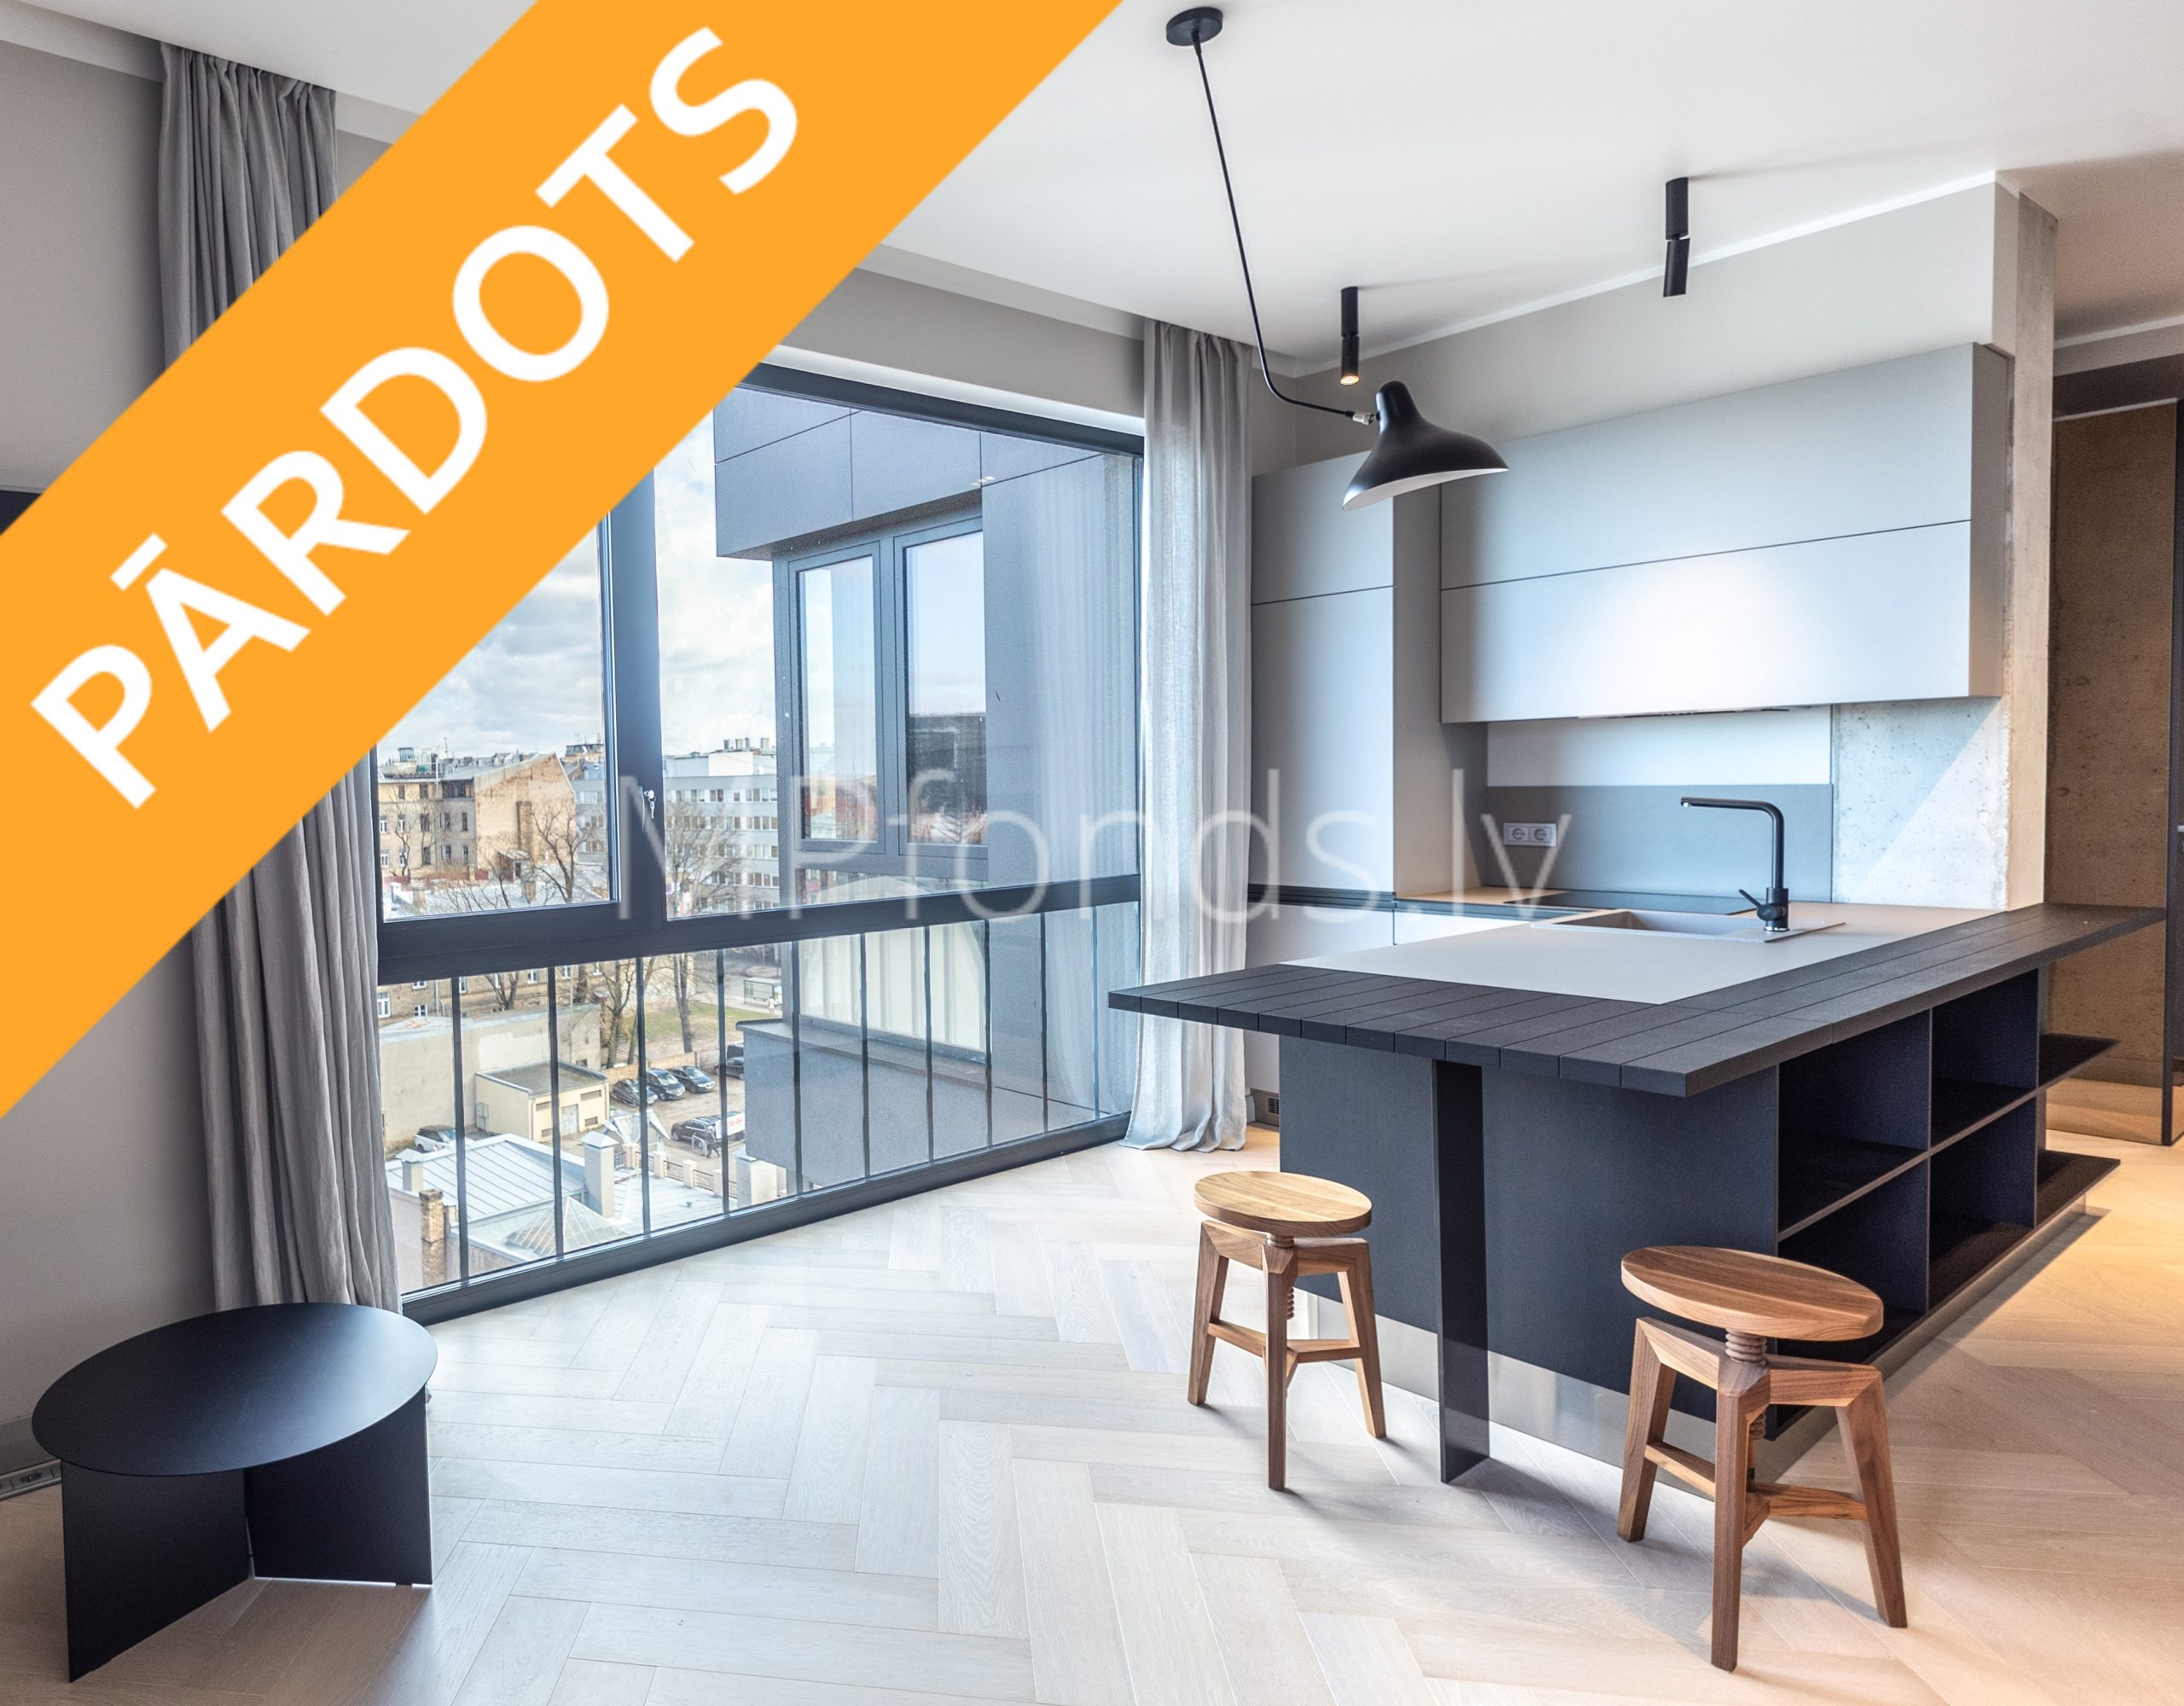 Pārdod, biznesa klases dzīvokli, augšējā stāvā ar jumta terasi – Rīgas centrā